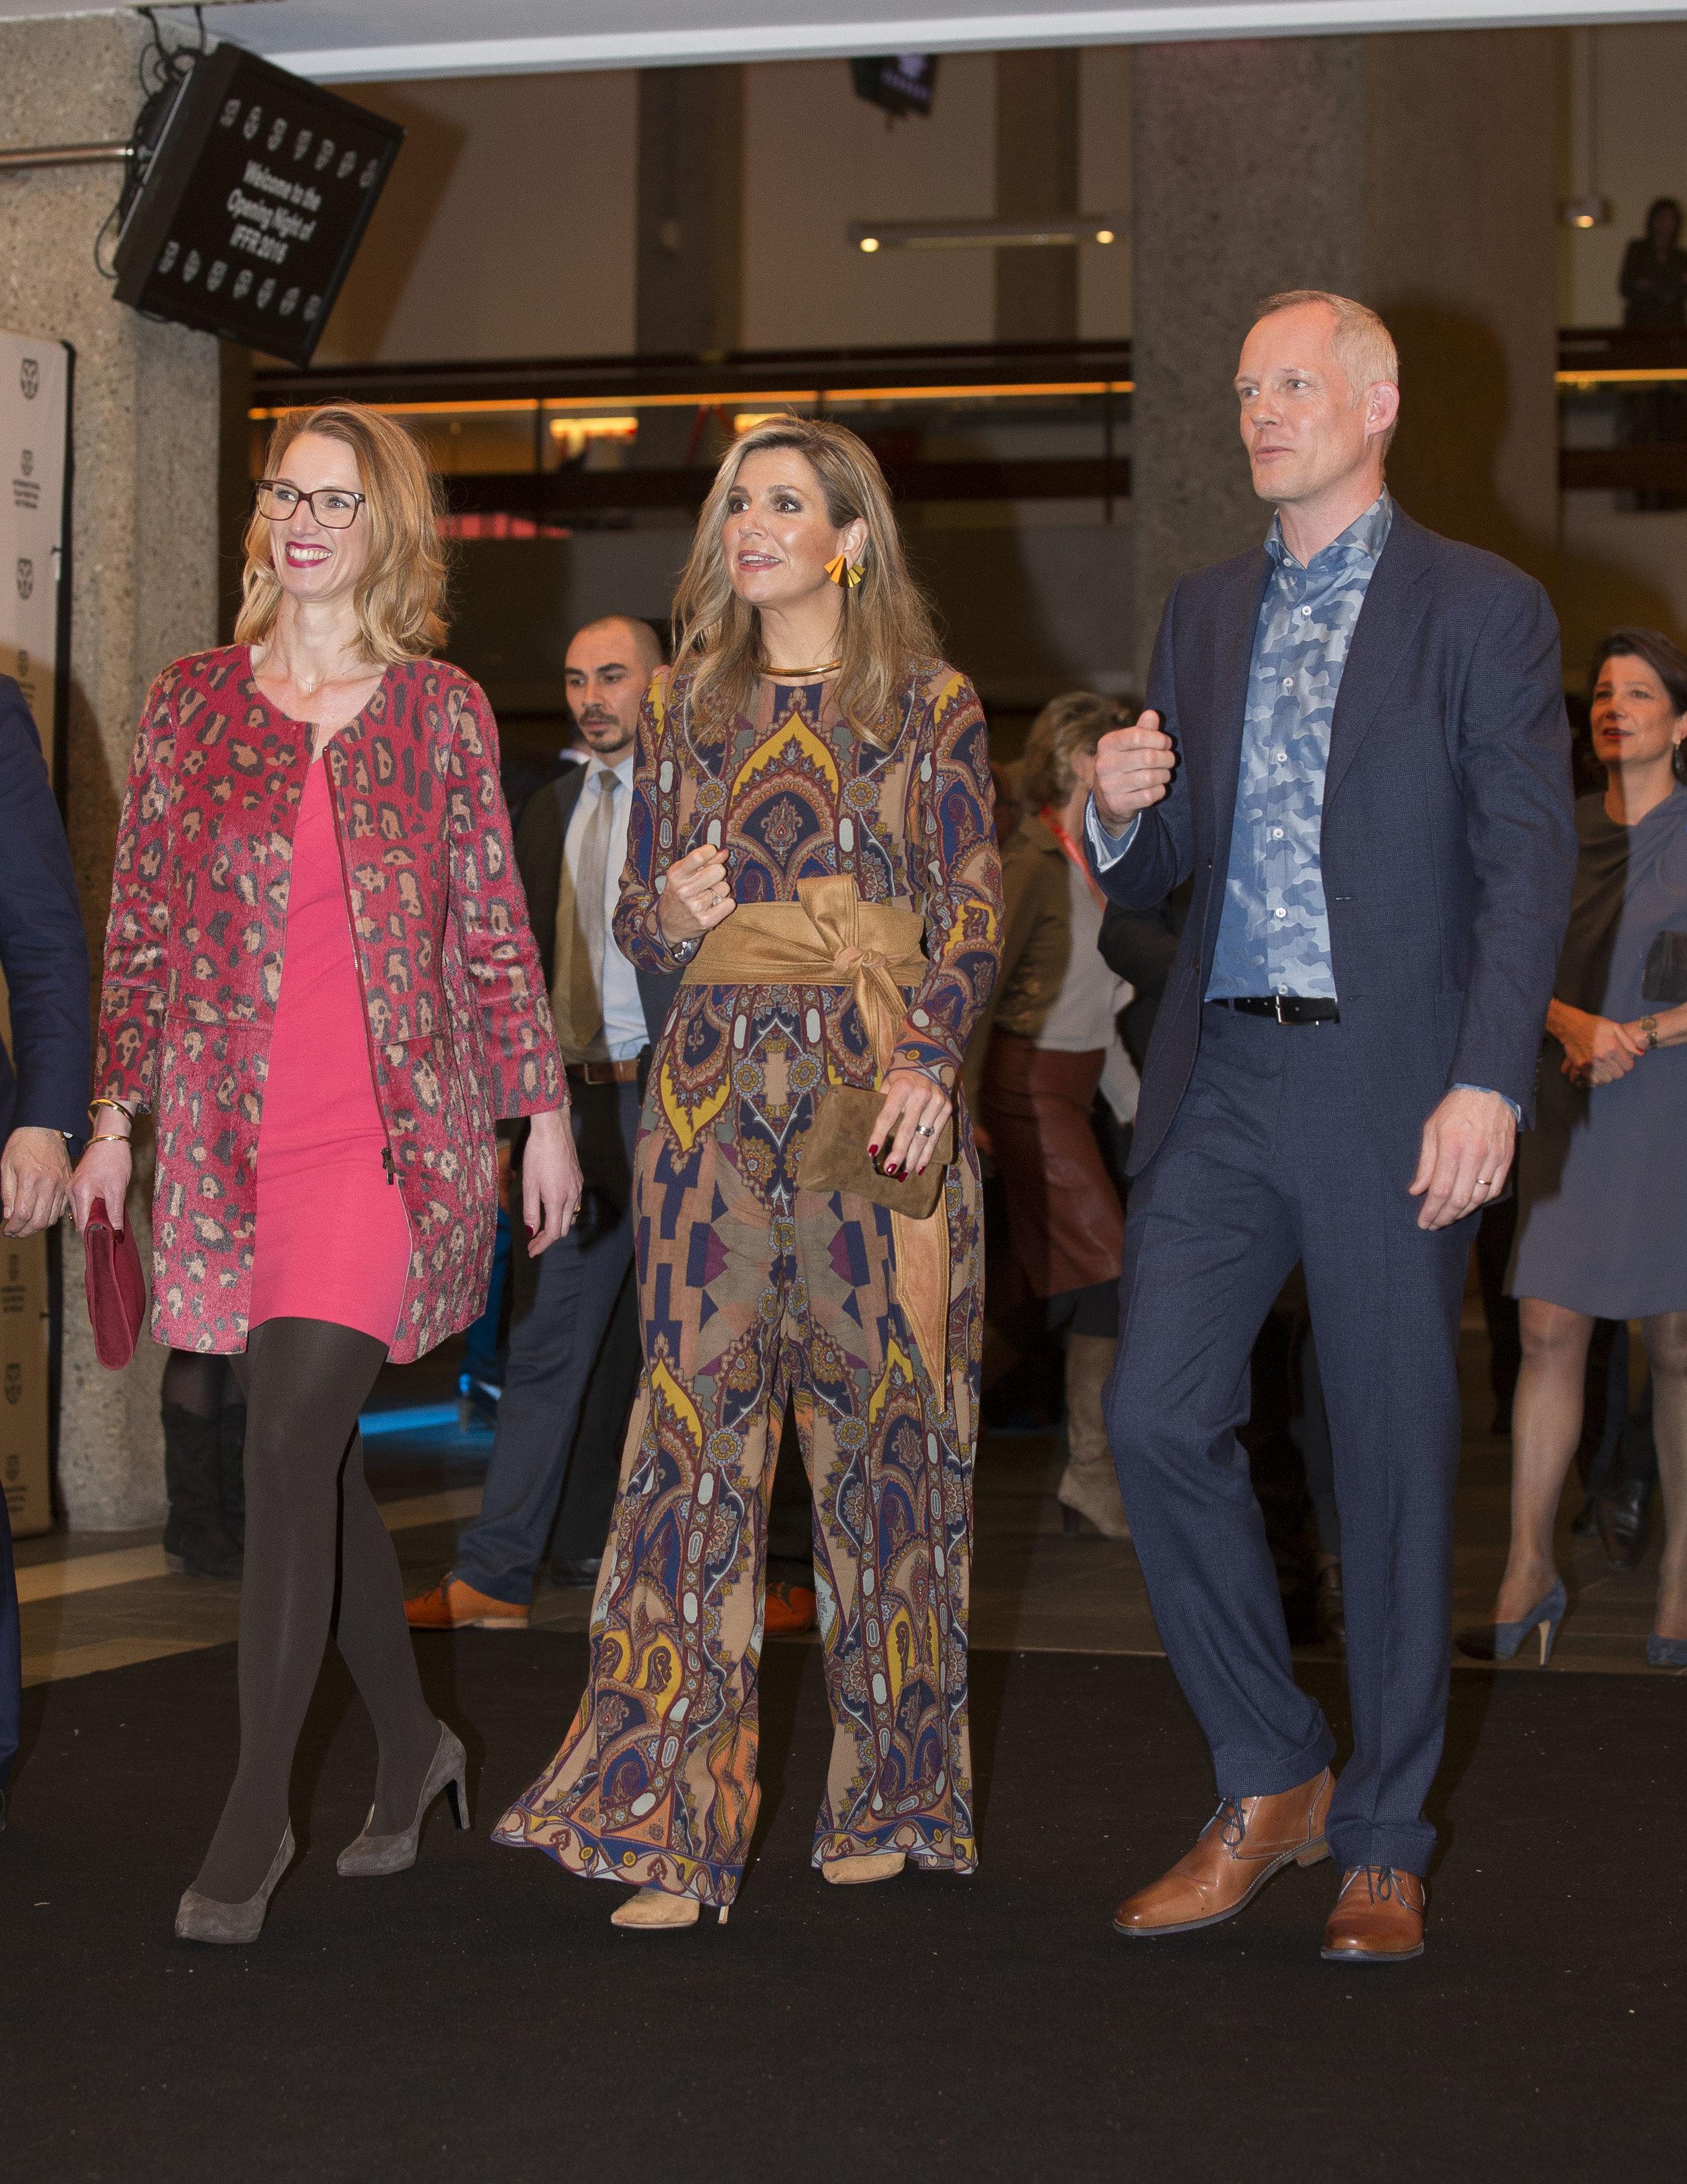 Die Niederländerin bei einem Besuch des Filmfestivals in Rotterdam.  © Getty Images